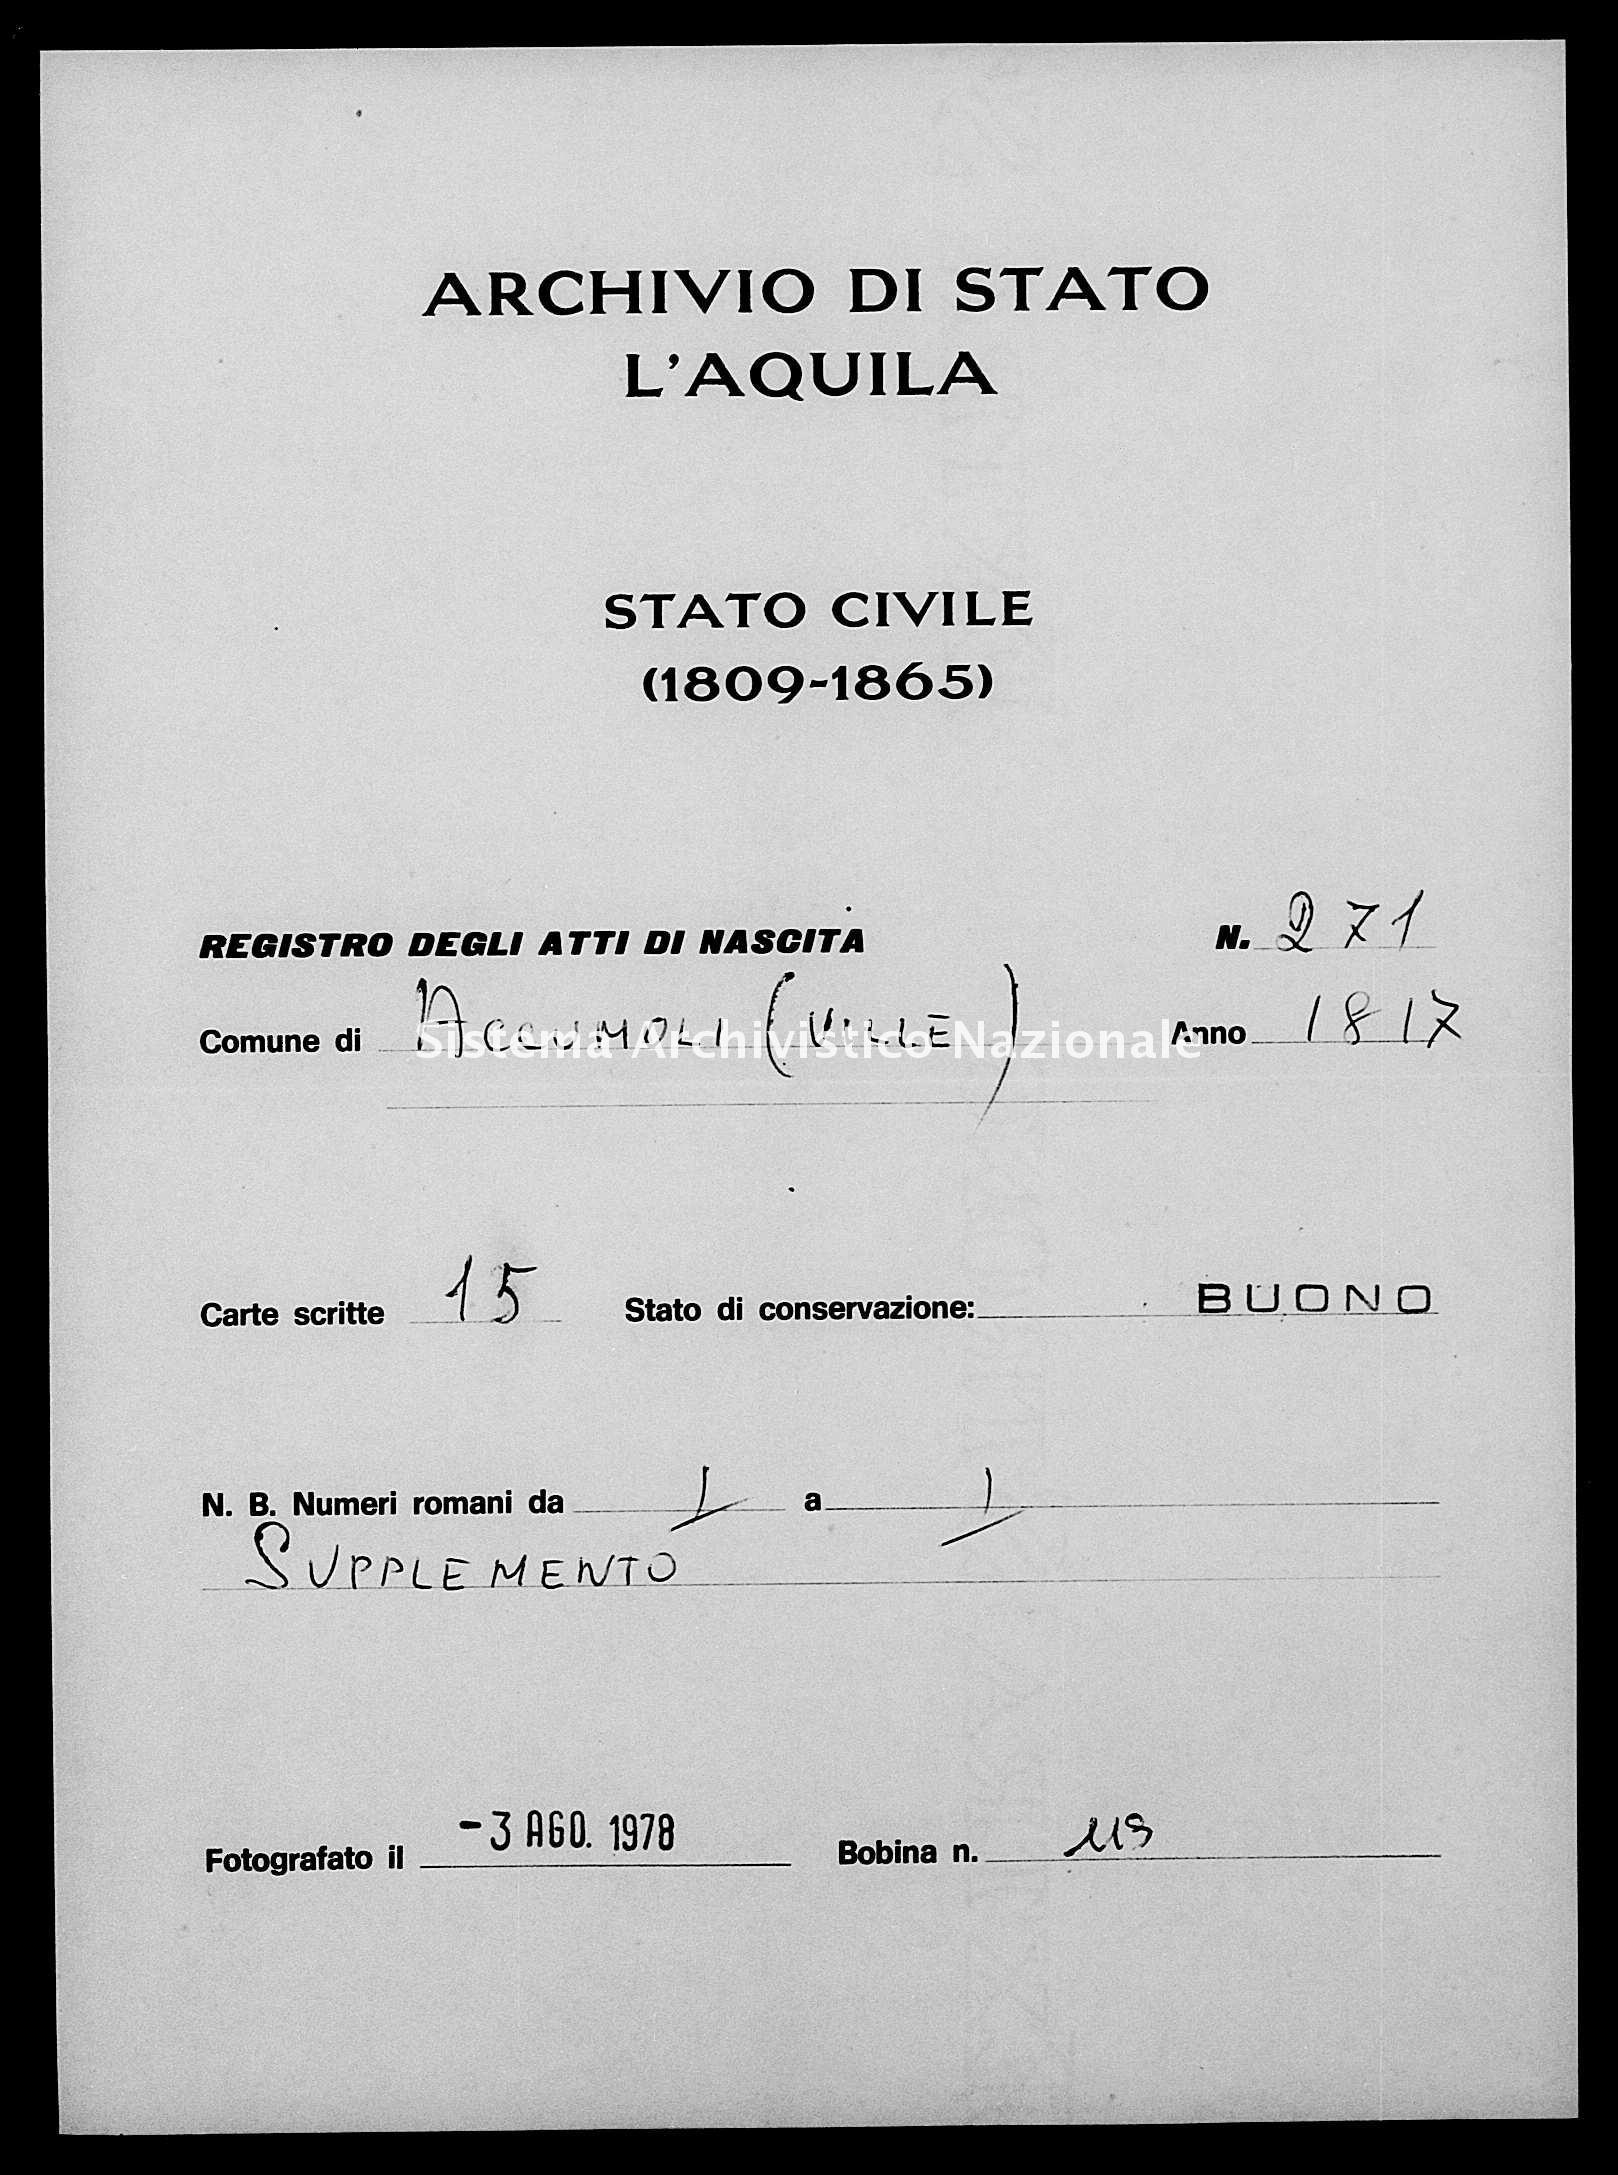 Archivio di stato di L'aquila - Stato civile della restaurazione - Accumoli - Nati - 13/03/1817-27/12/1817 - 271 -